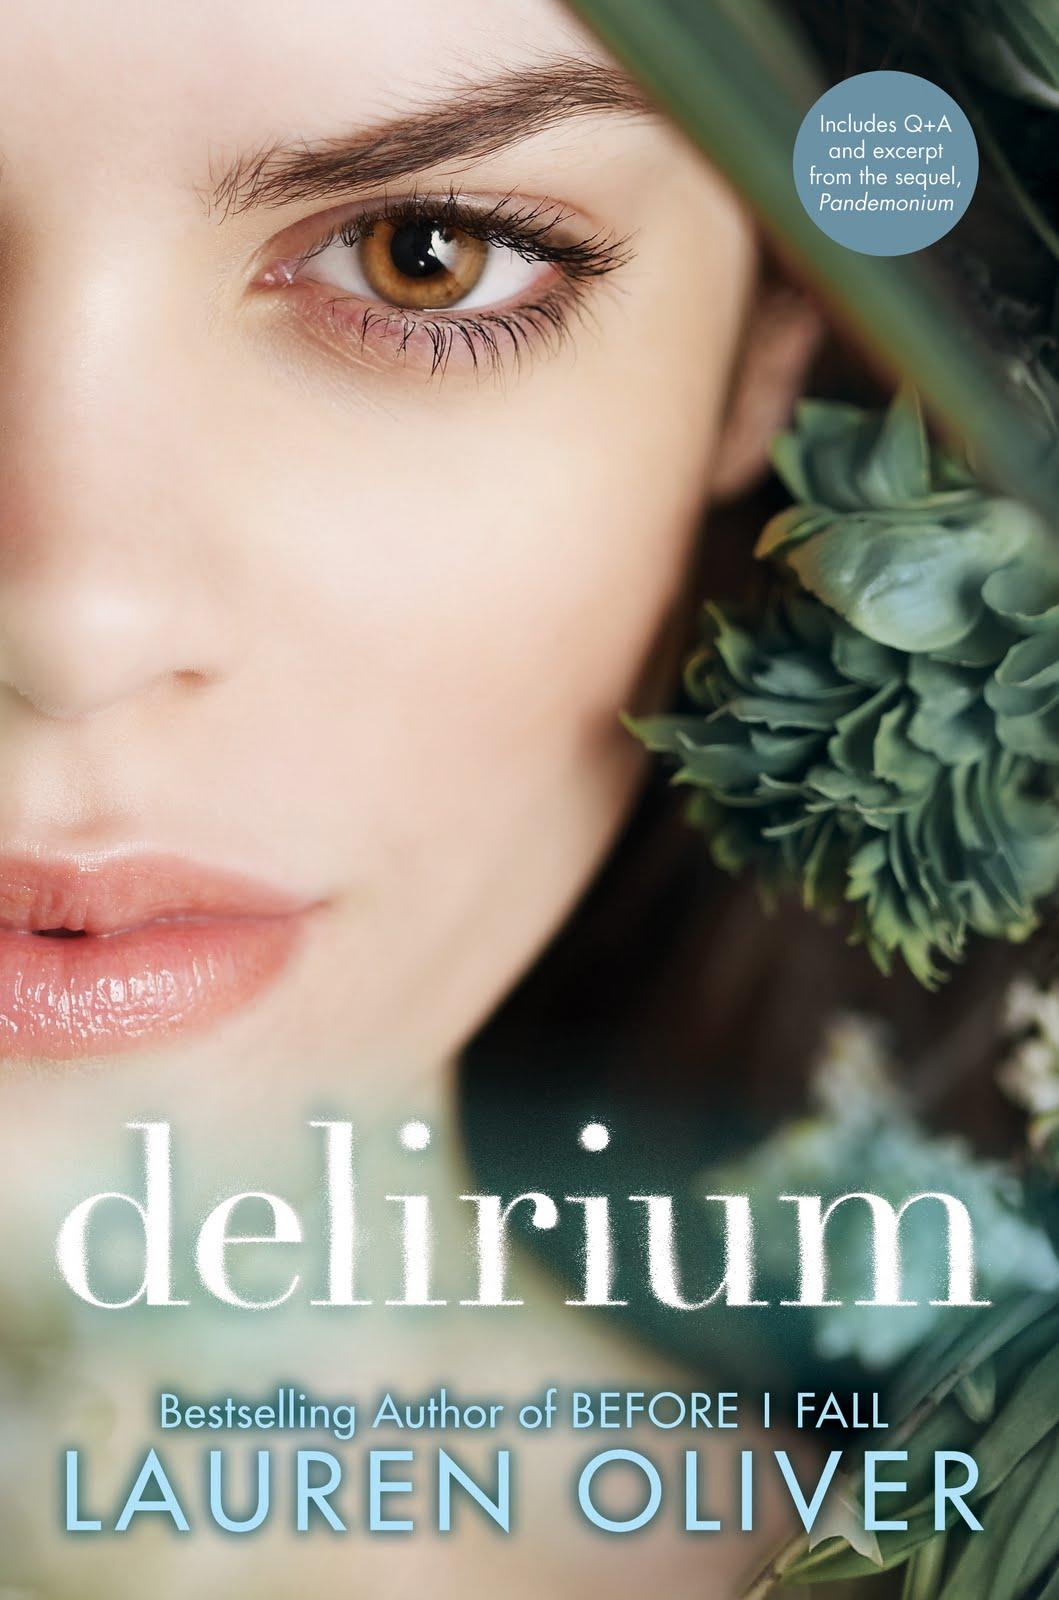 DeliriumSpecialEd (1)